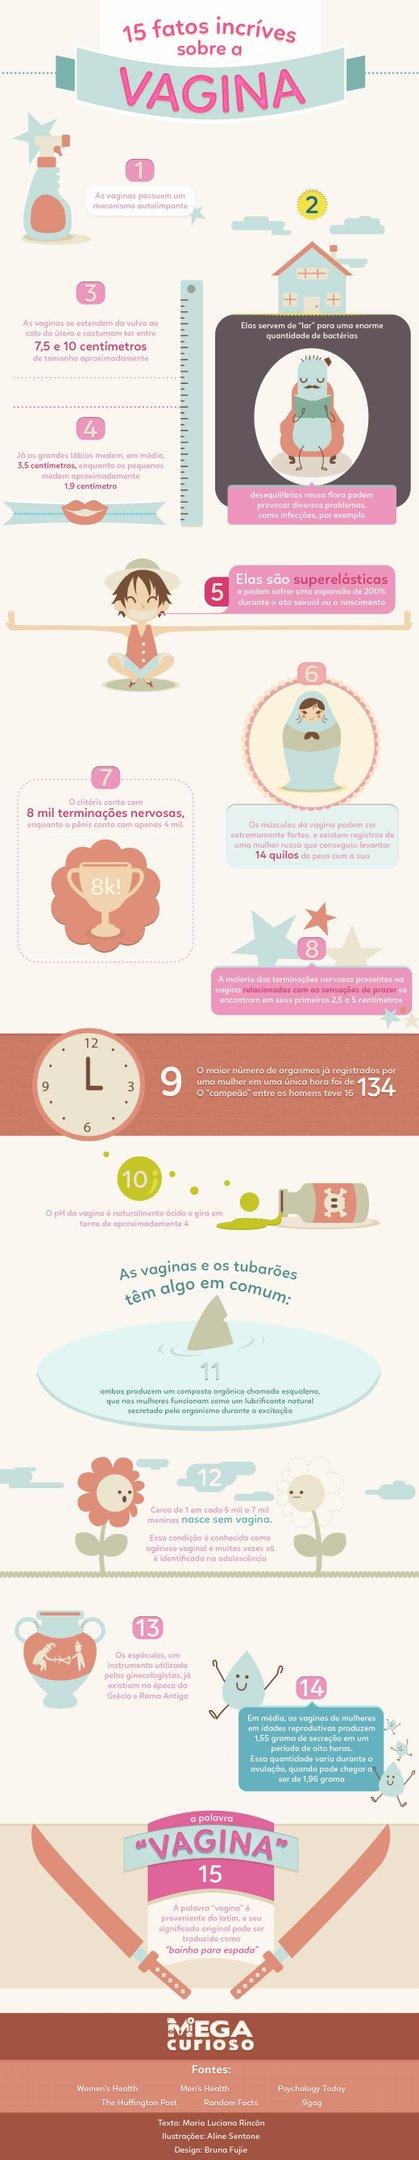 Que tal conferir 15 fatos incríveis sobre a vagina? [infográfico]